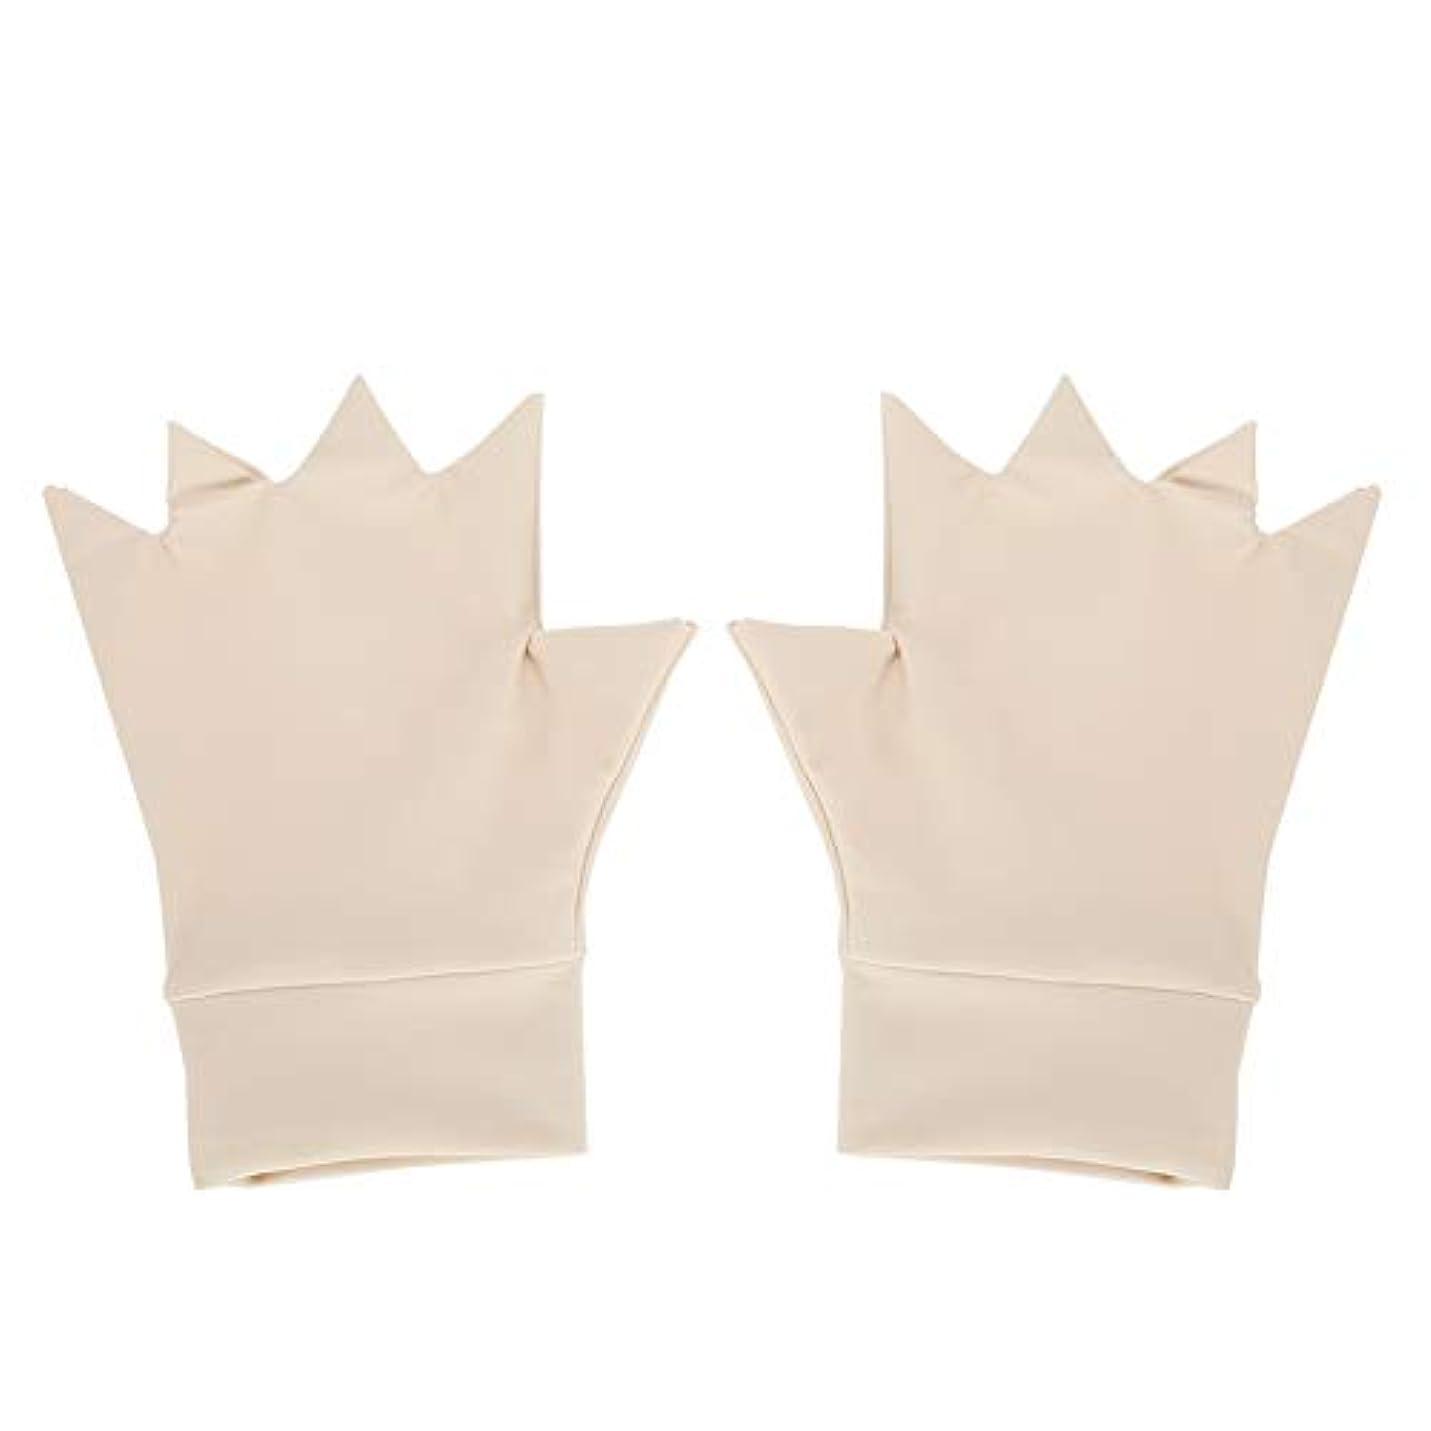 一般的な条件付き熱狂的な抗関節炎の手袋、抗関節炎のヘルスケアの手袋の圧縮療法のリウマチの痛み